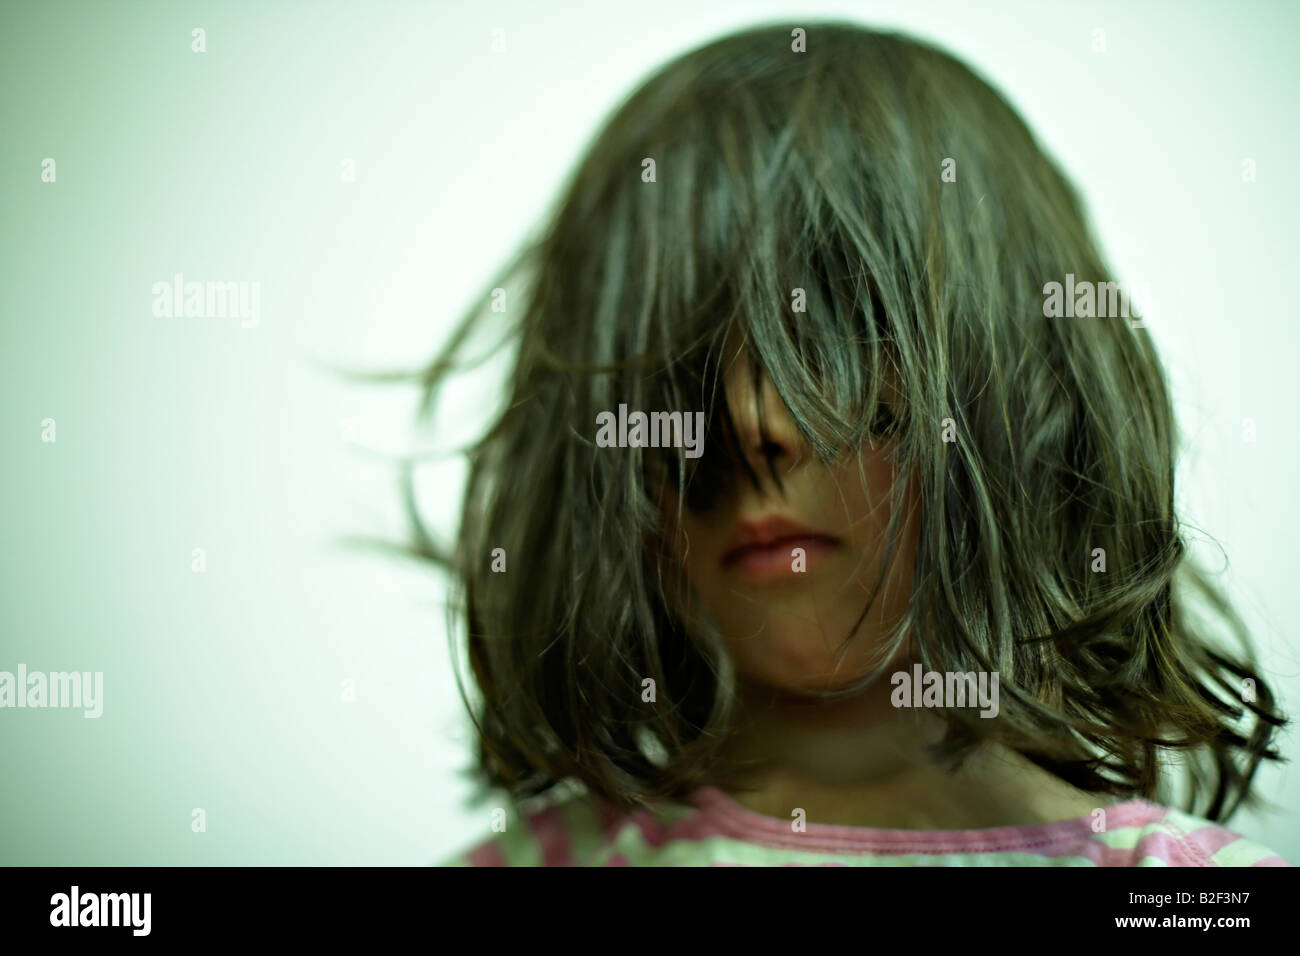 Petite fille de cinq ans avec les cheveux en désordre Photo Stock